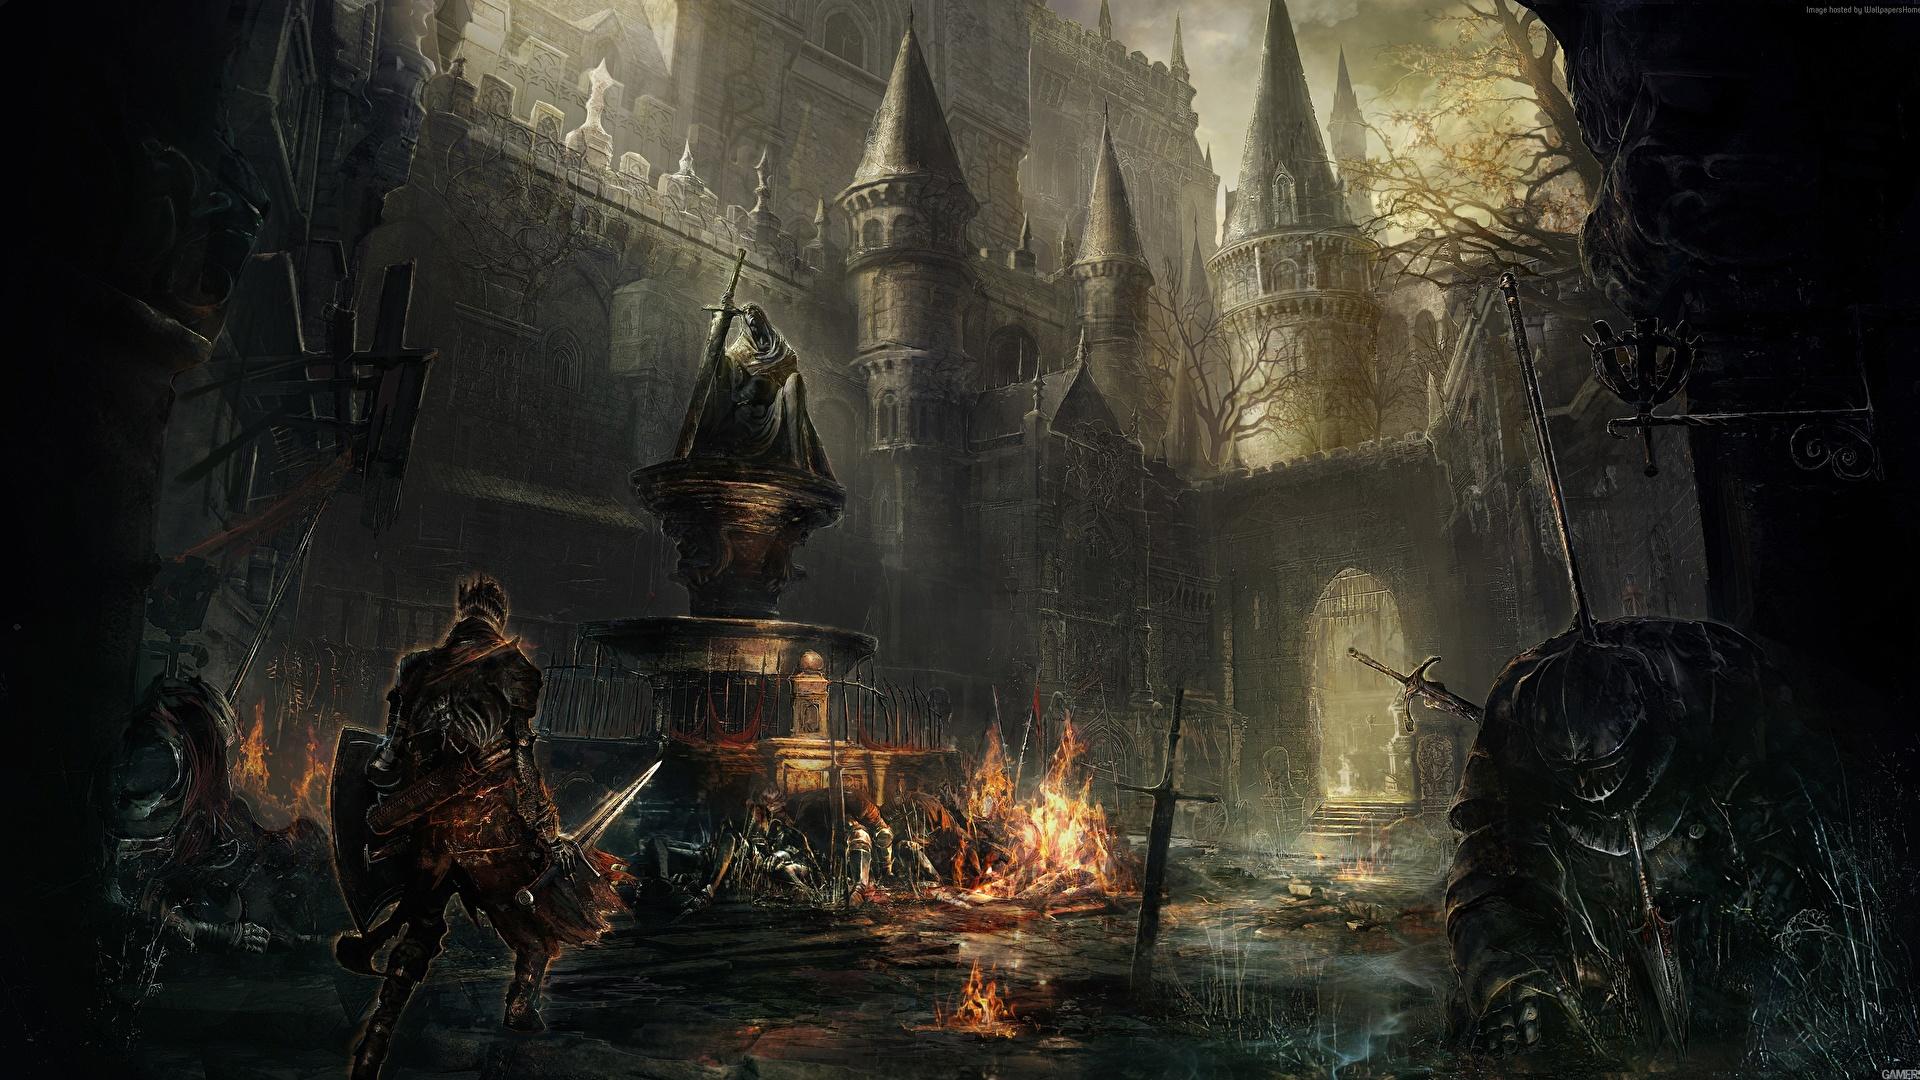 Picture Dark Souls Iii Armor Swords Warrior Dead Cadaver